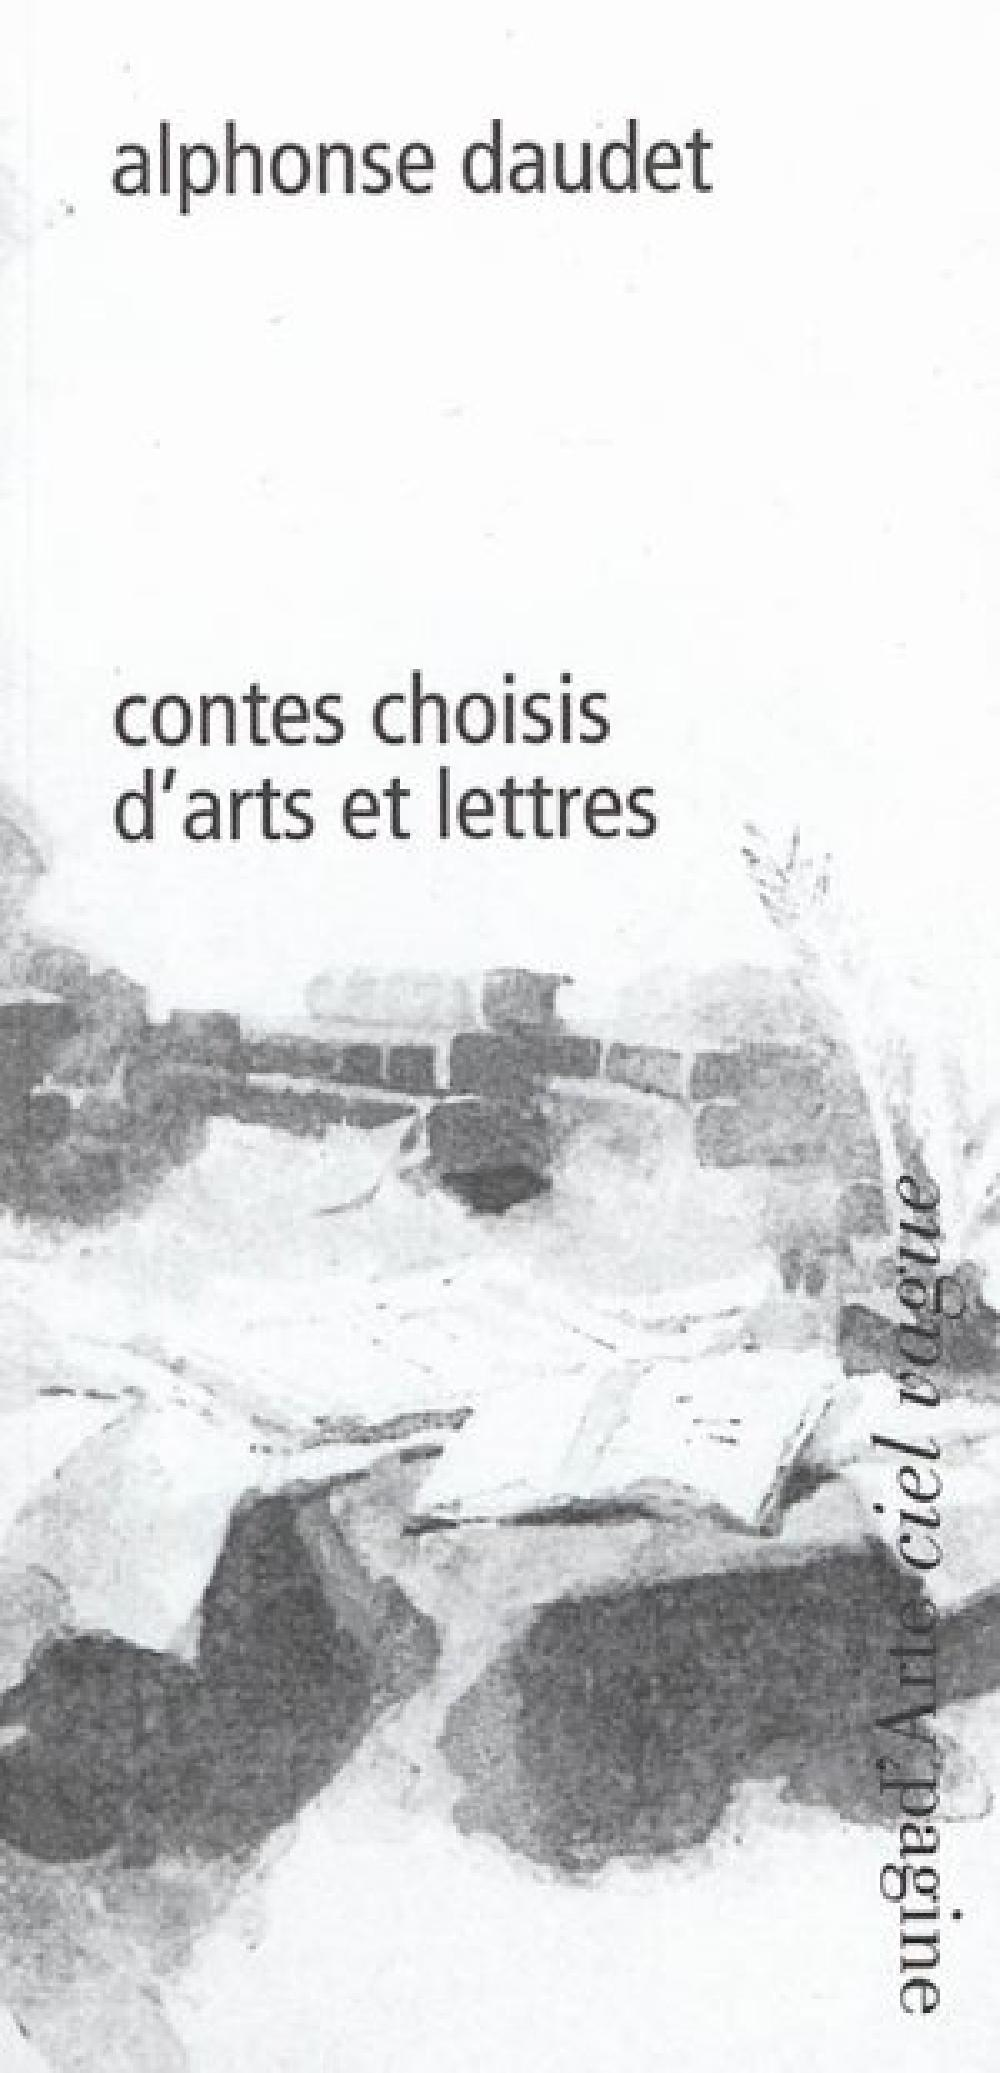 Contes choisis d'arts et lettres